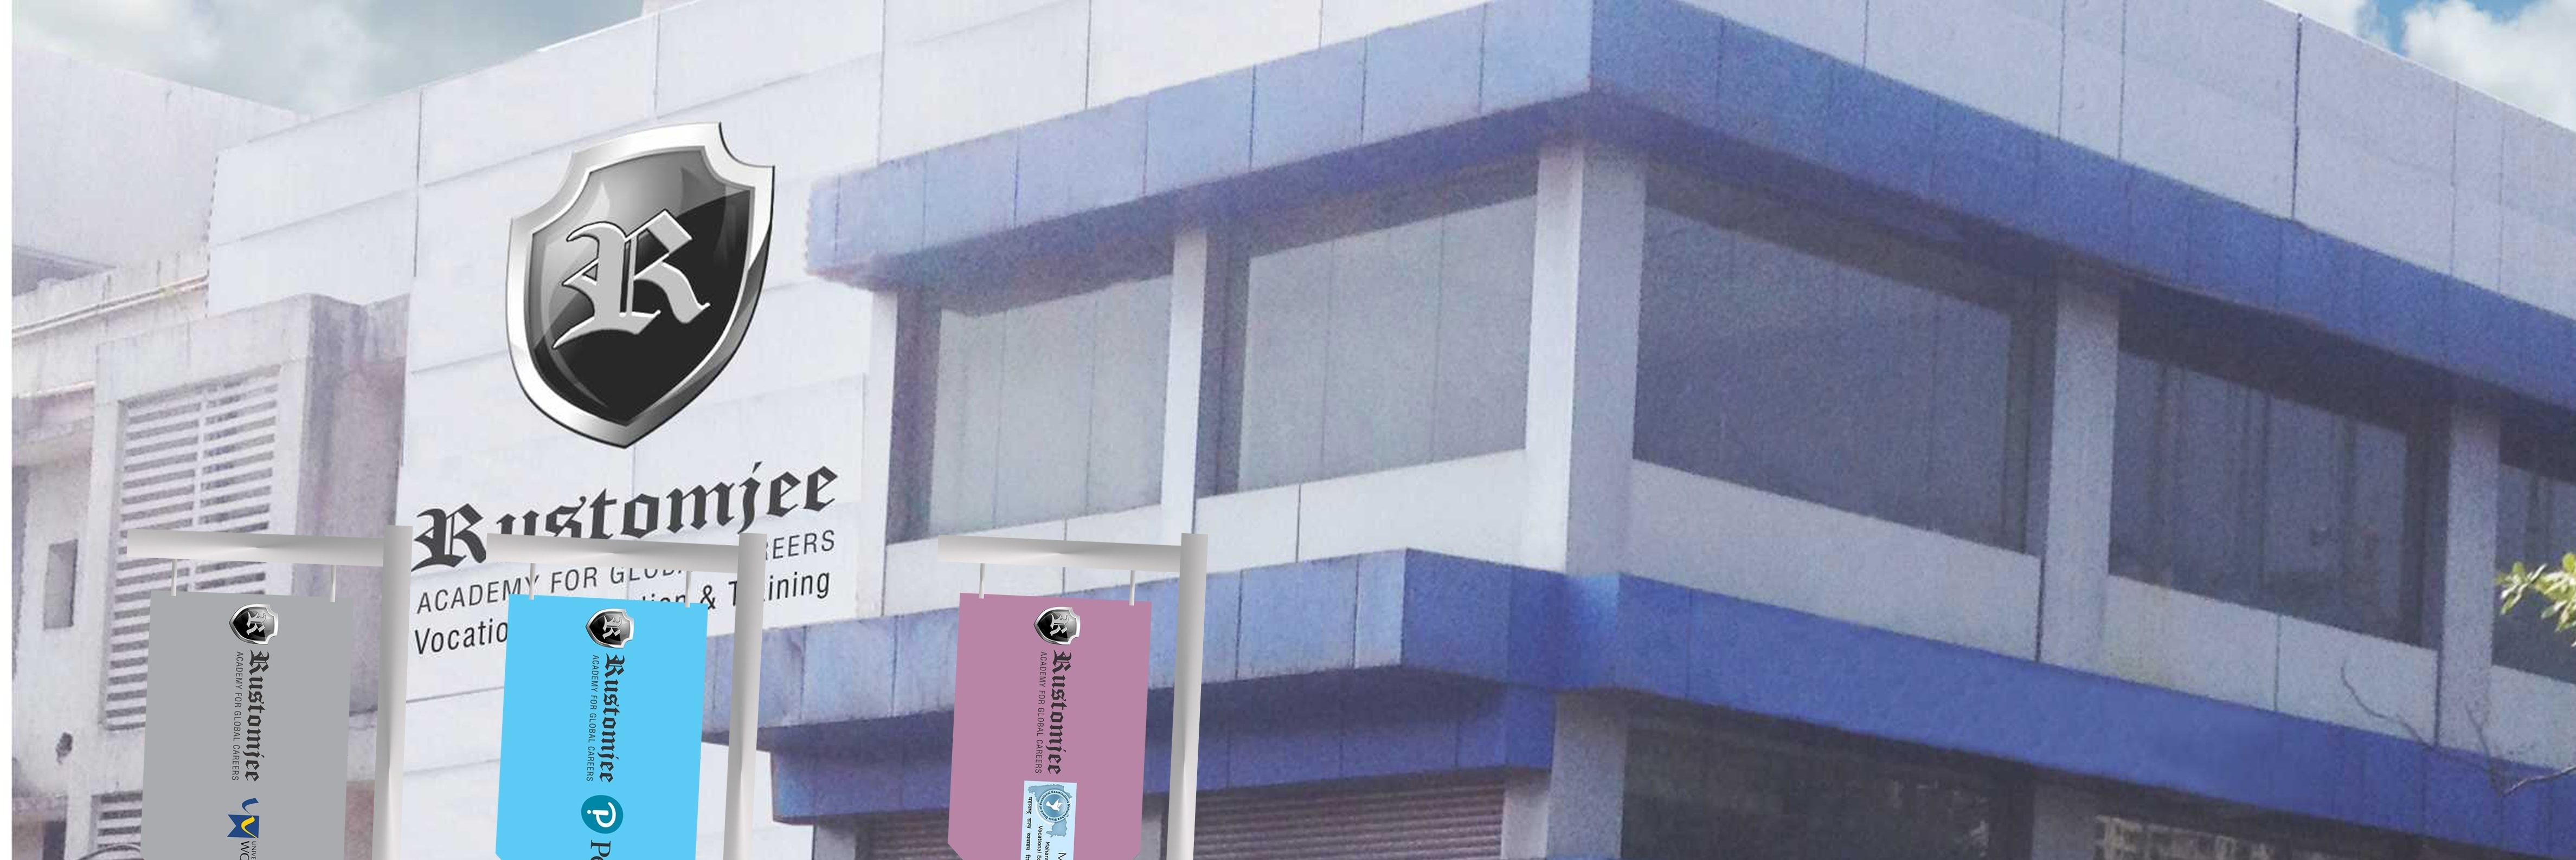 Rustomjee Academy for Global Careers, Thane Image